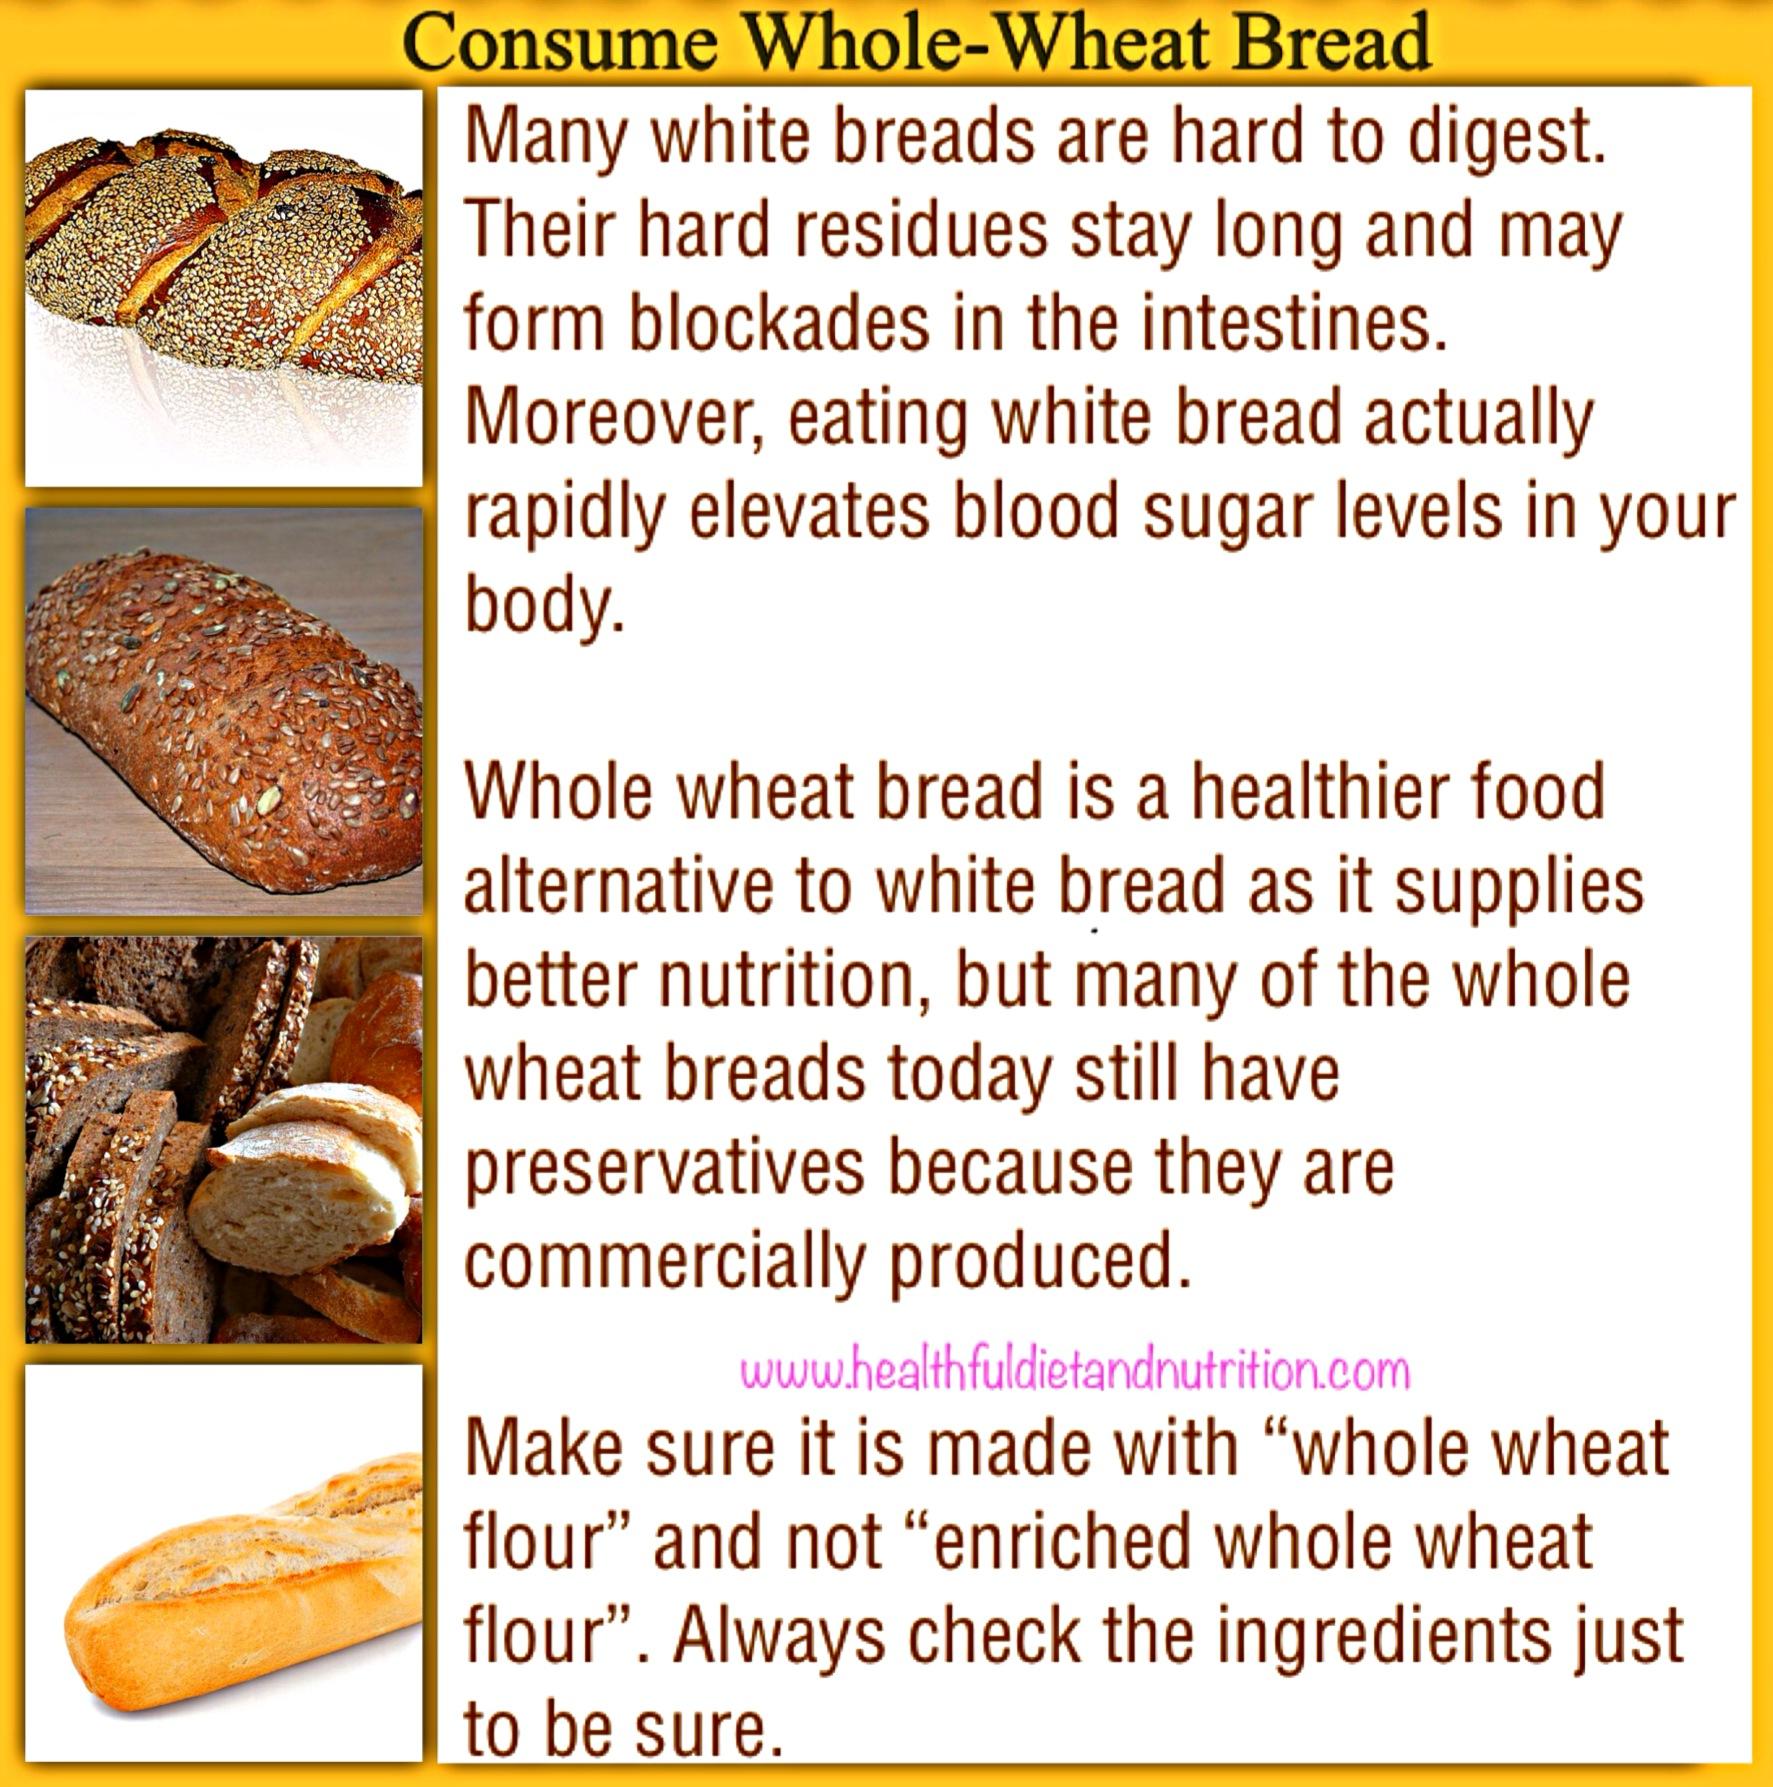 Consume Whole Wheat Bread